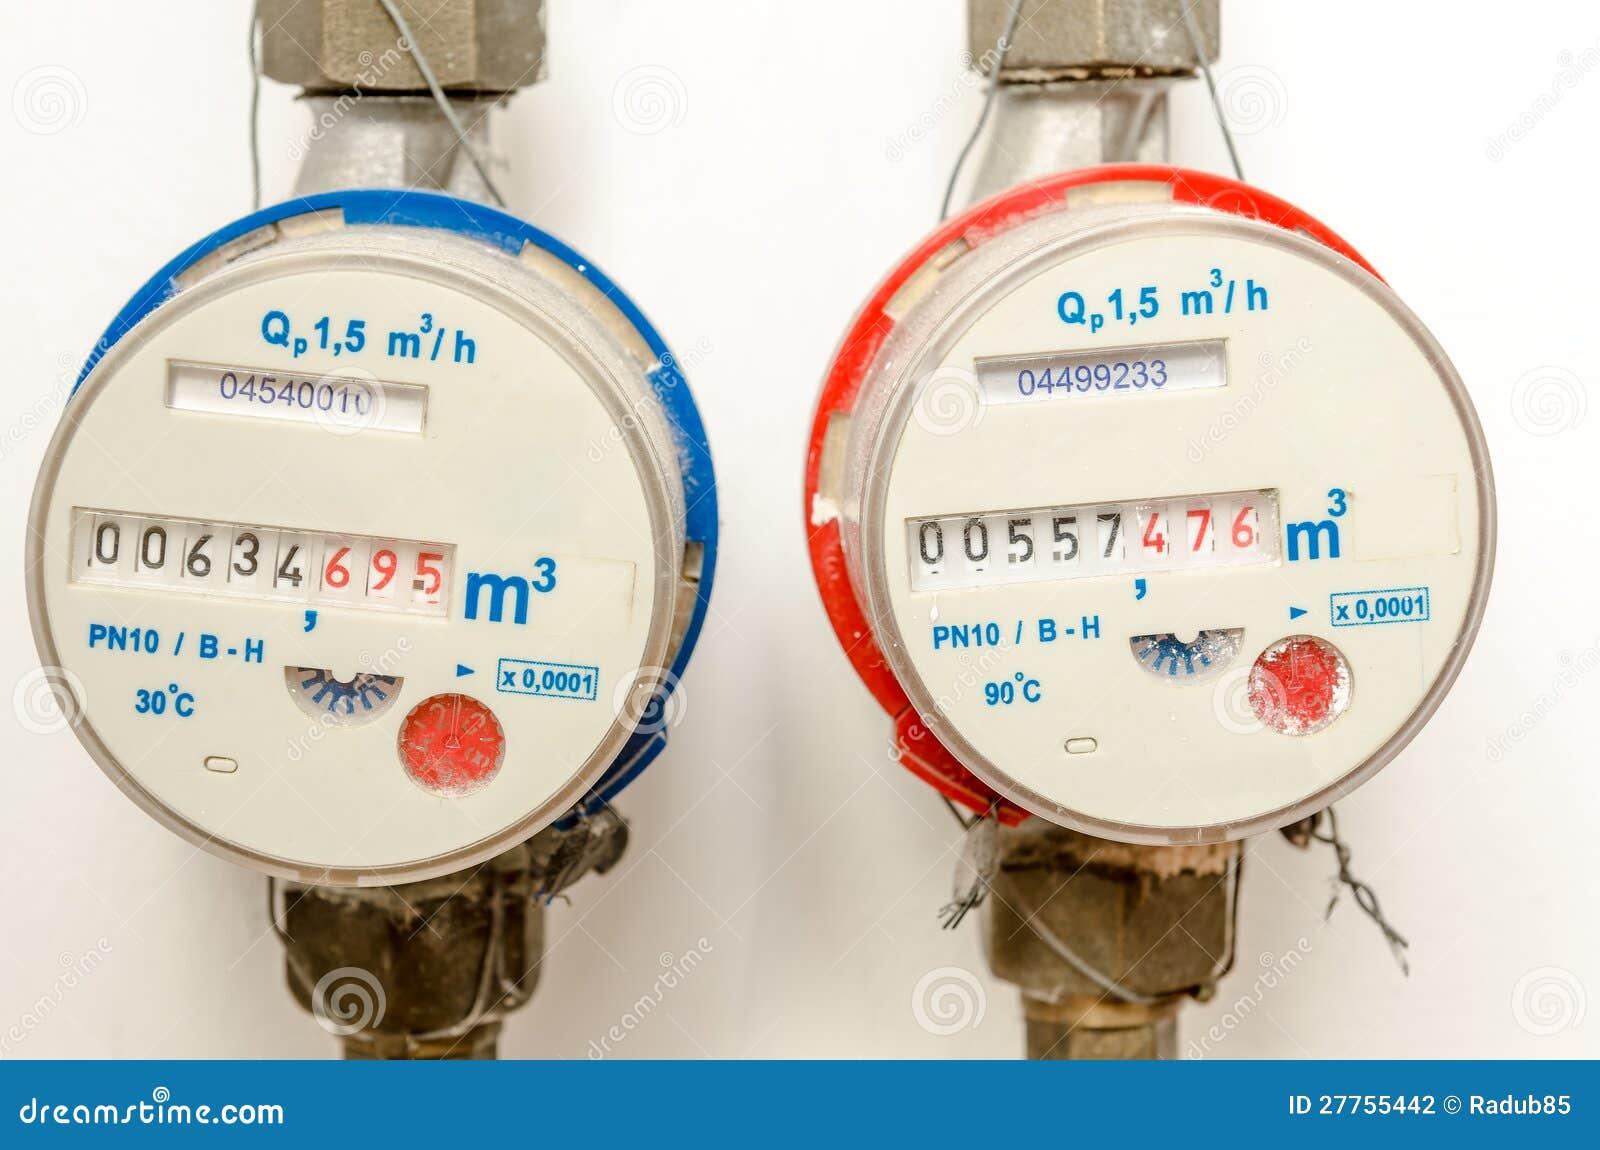 Residential water meter hook up